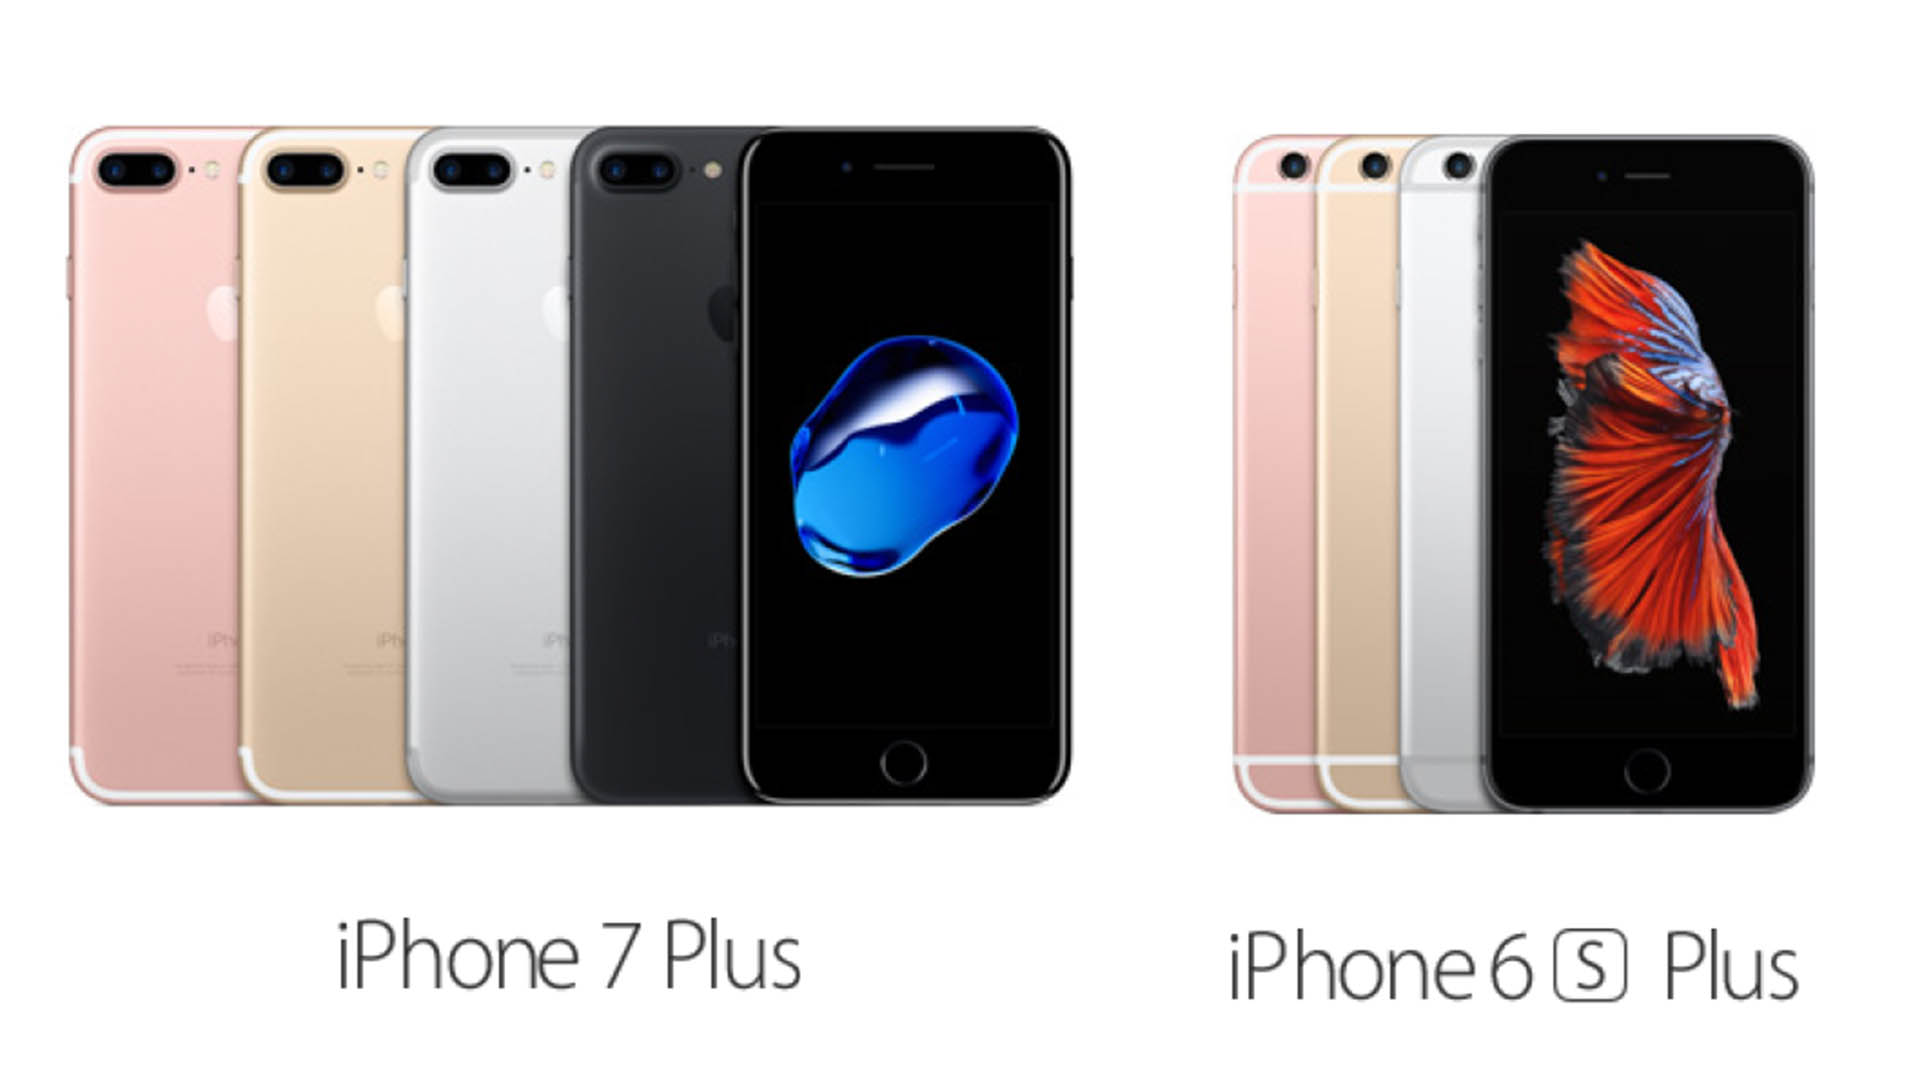 bf90a58a046 Las 11 diferencias entre el iPhone 6S y iPhone 7 - Infobae